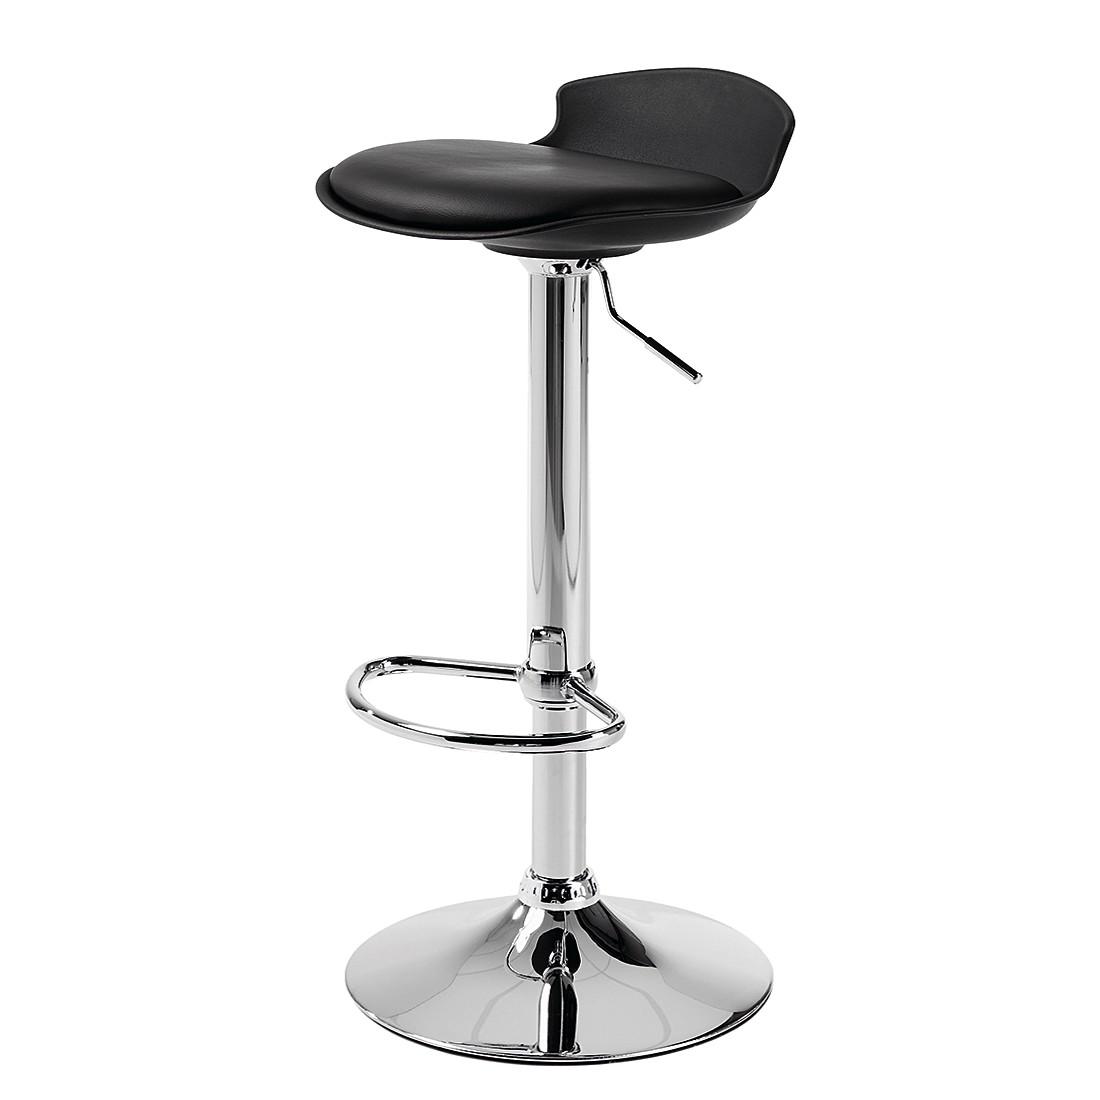 Barhocker kunststoff latest plust tool stool barhocker for Plastik barhocker